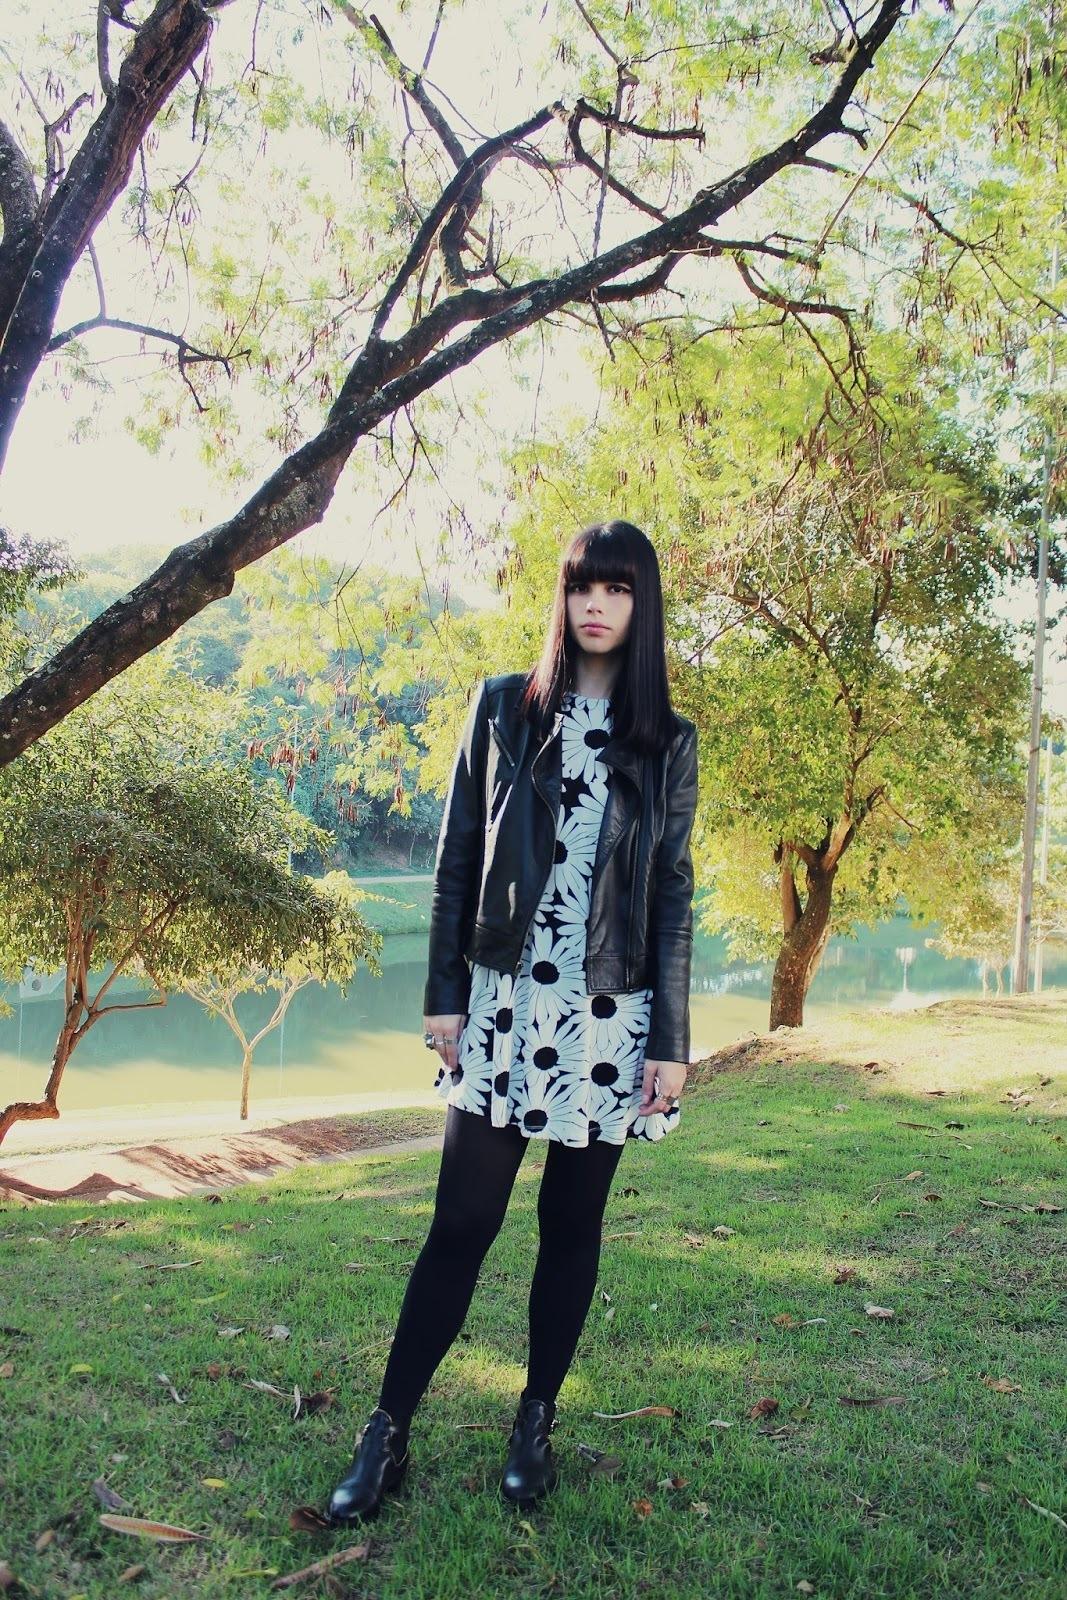 Vestido negro con chaqueta de flores